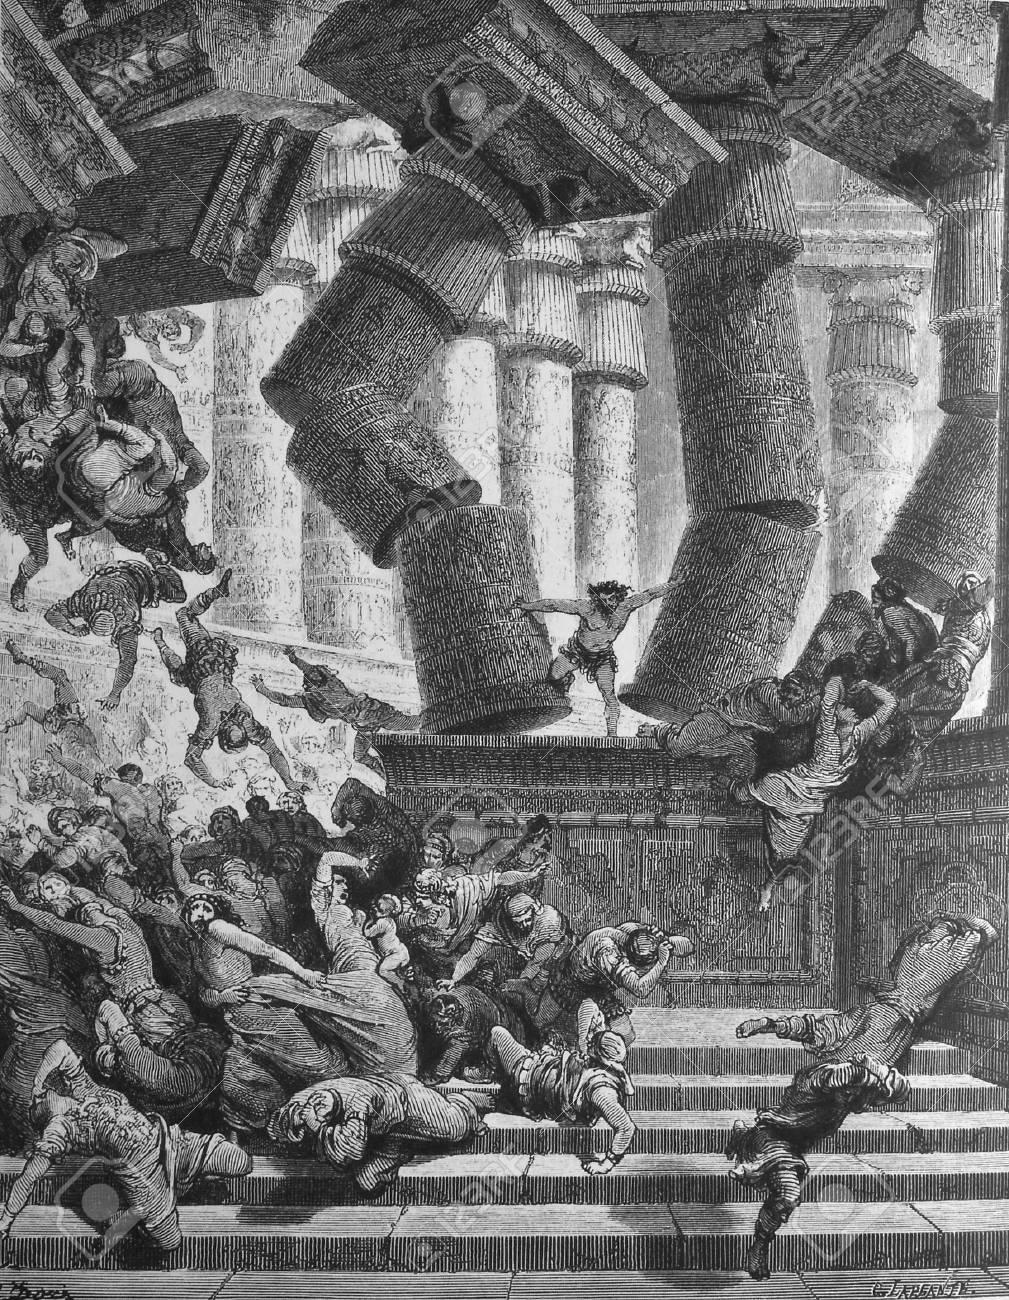 The death of Samson  1  Le Sainte Bible  Traduction nouvelle selon la Vulgate par Mm  J -J  Bourasse et P  Janvier  Tours  Alfred Mame et Fils  2  1866 3  France 4  Gustave Dor� Stock Photo - 12994128